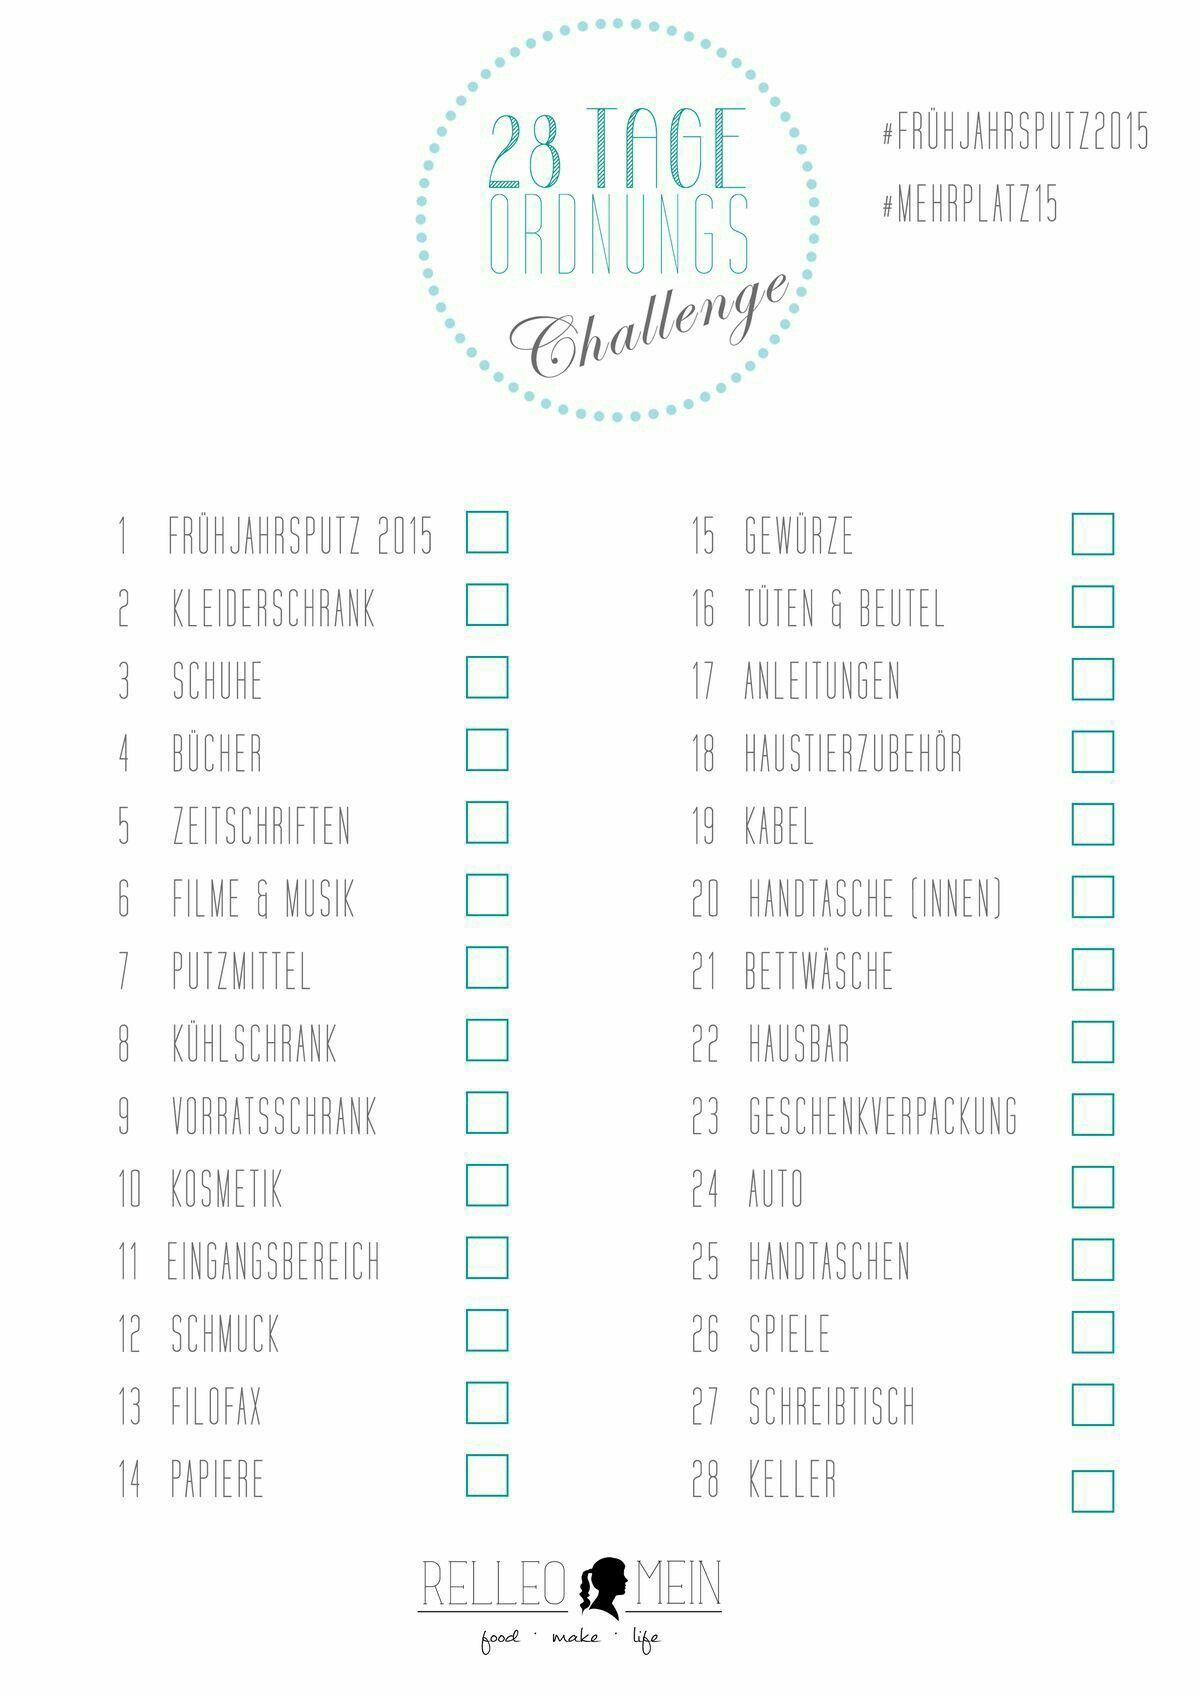 ordnung schaffen in 28 tagen checkliste haushalt startklar ideen pinterest ordnung. Black Bedroom Furniture Sets. Home Design Ideas